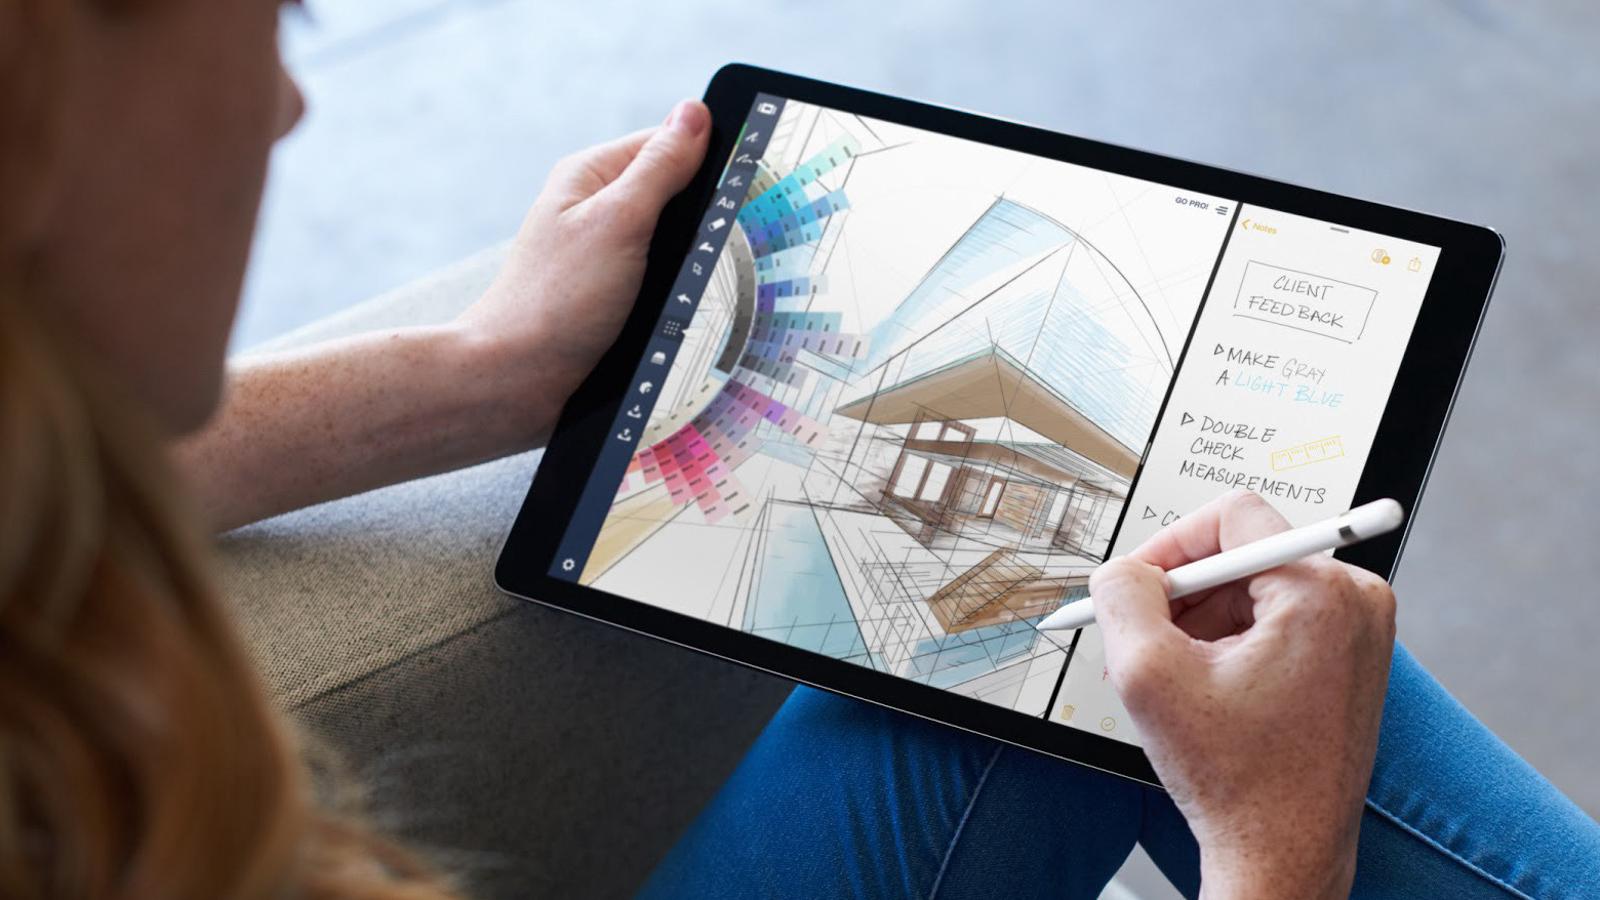 新ipad pro 不会用刘海全面屏,外形设计更类似 iphone图片